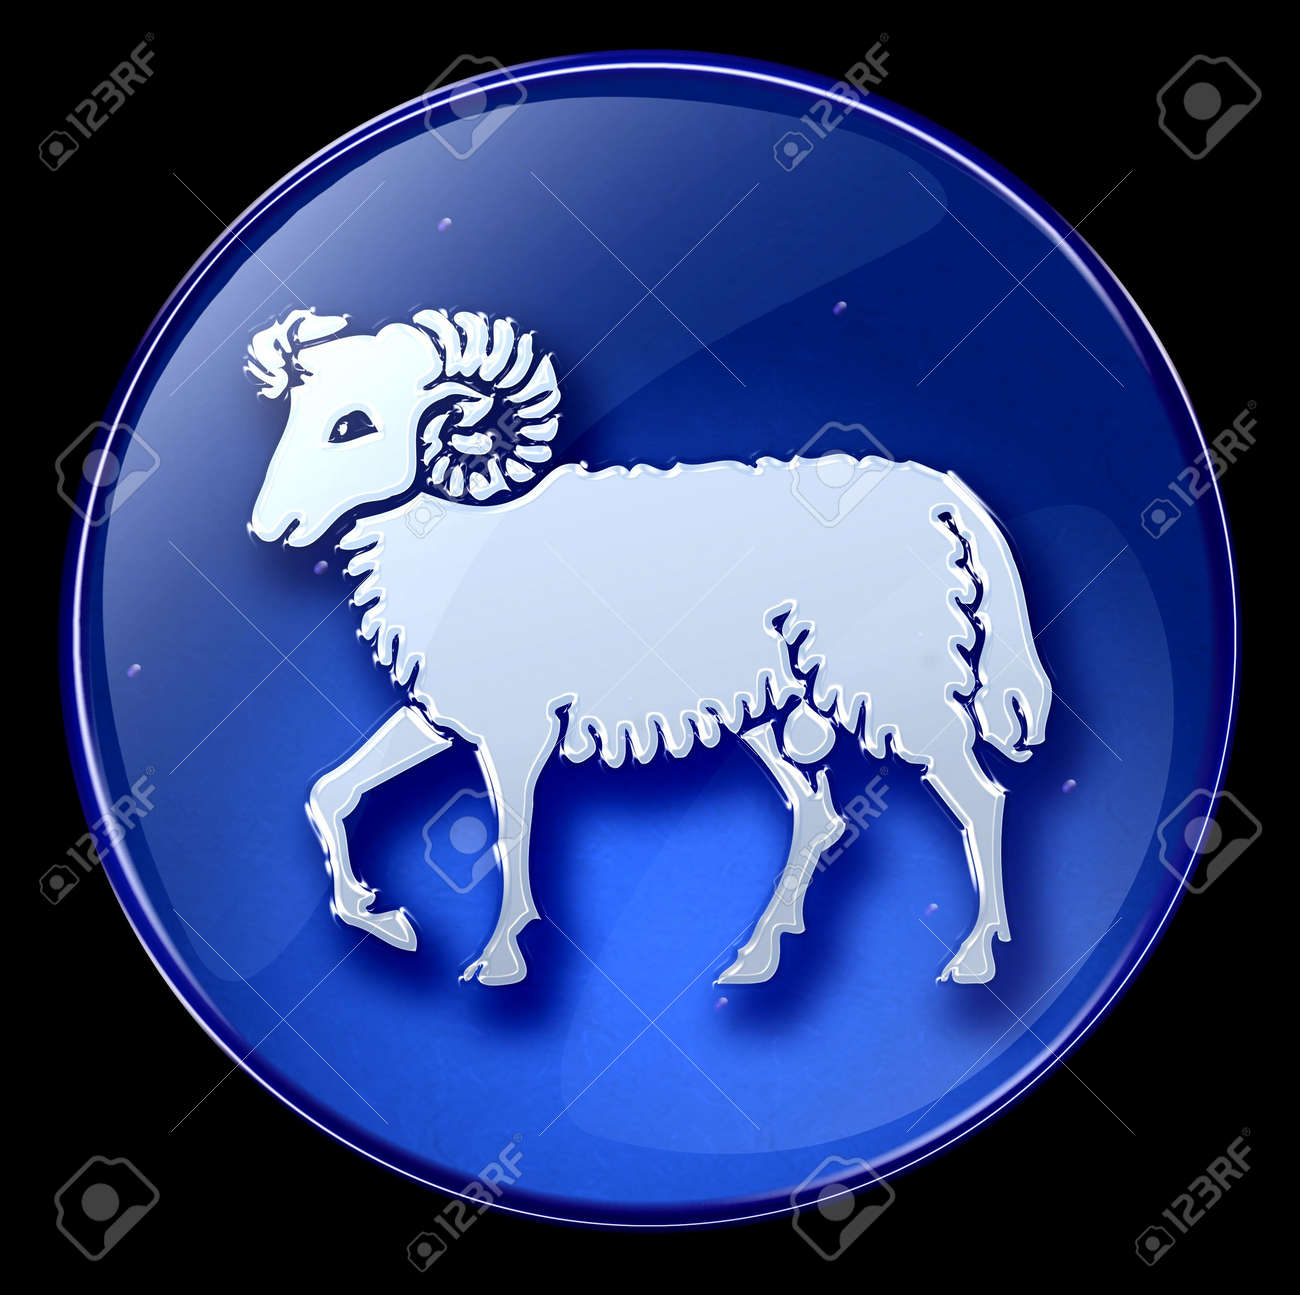 Aries zodiac button icon Stock Photo - 1280329